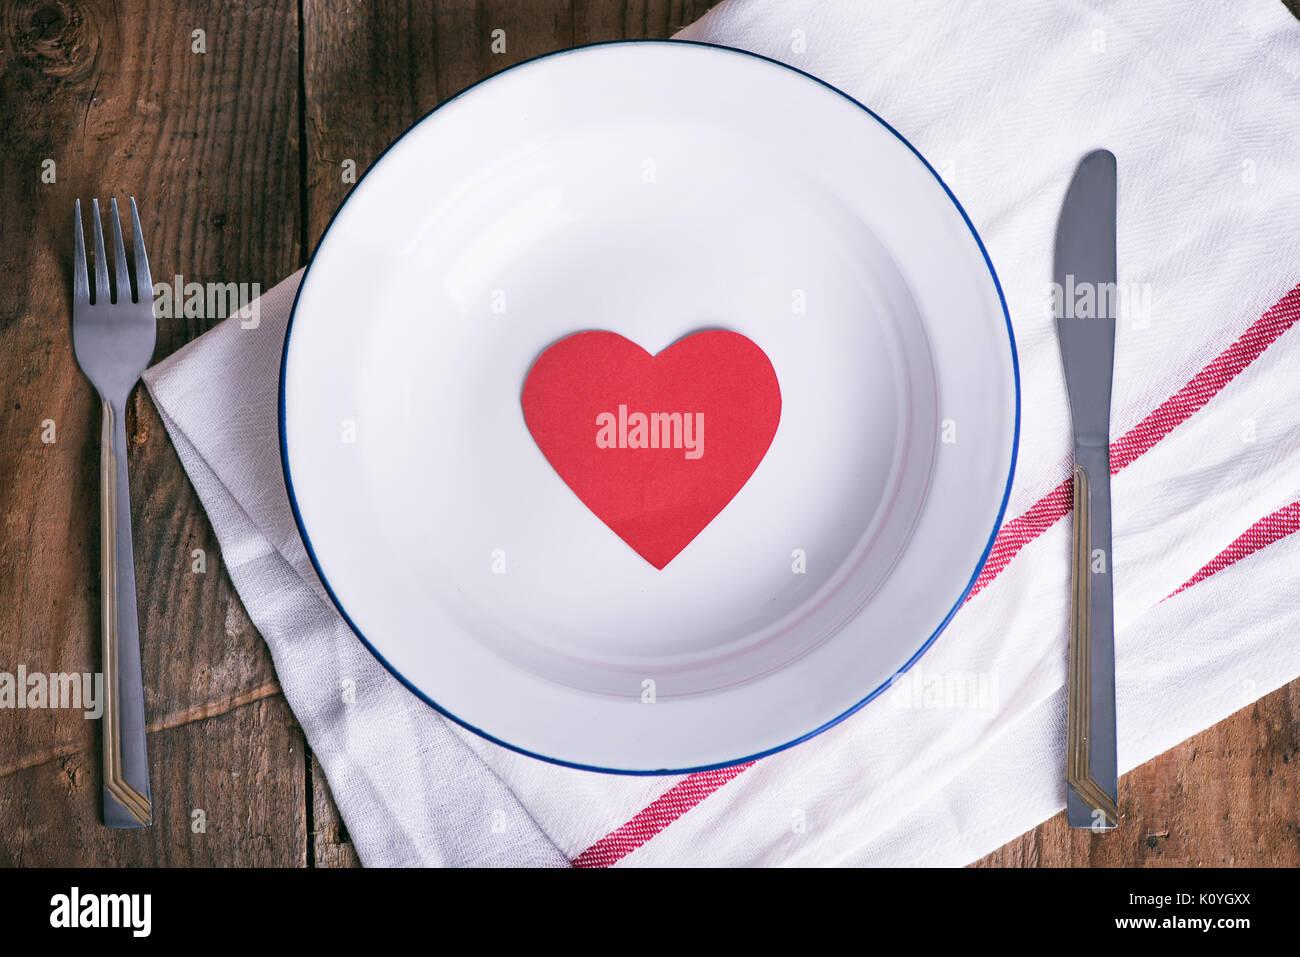 Concetto dieta e perdita di peso. Piastra vuota con carta rossa cuore al centro della piastra Immagini Stock